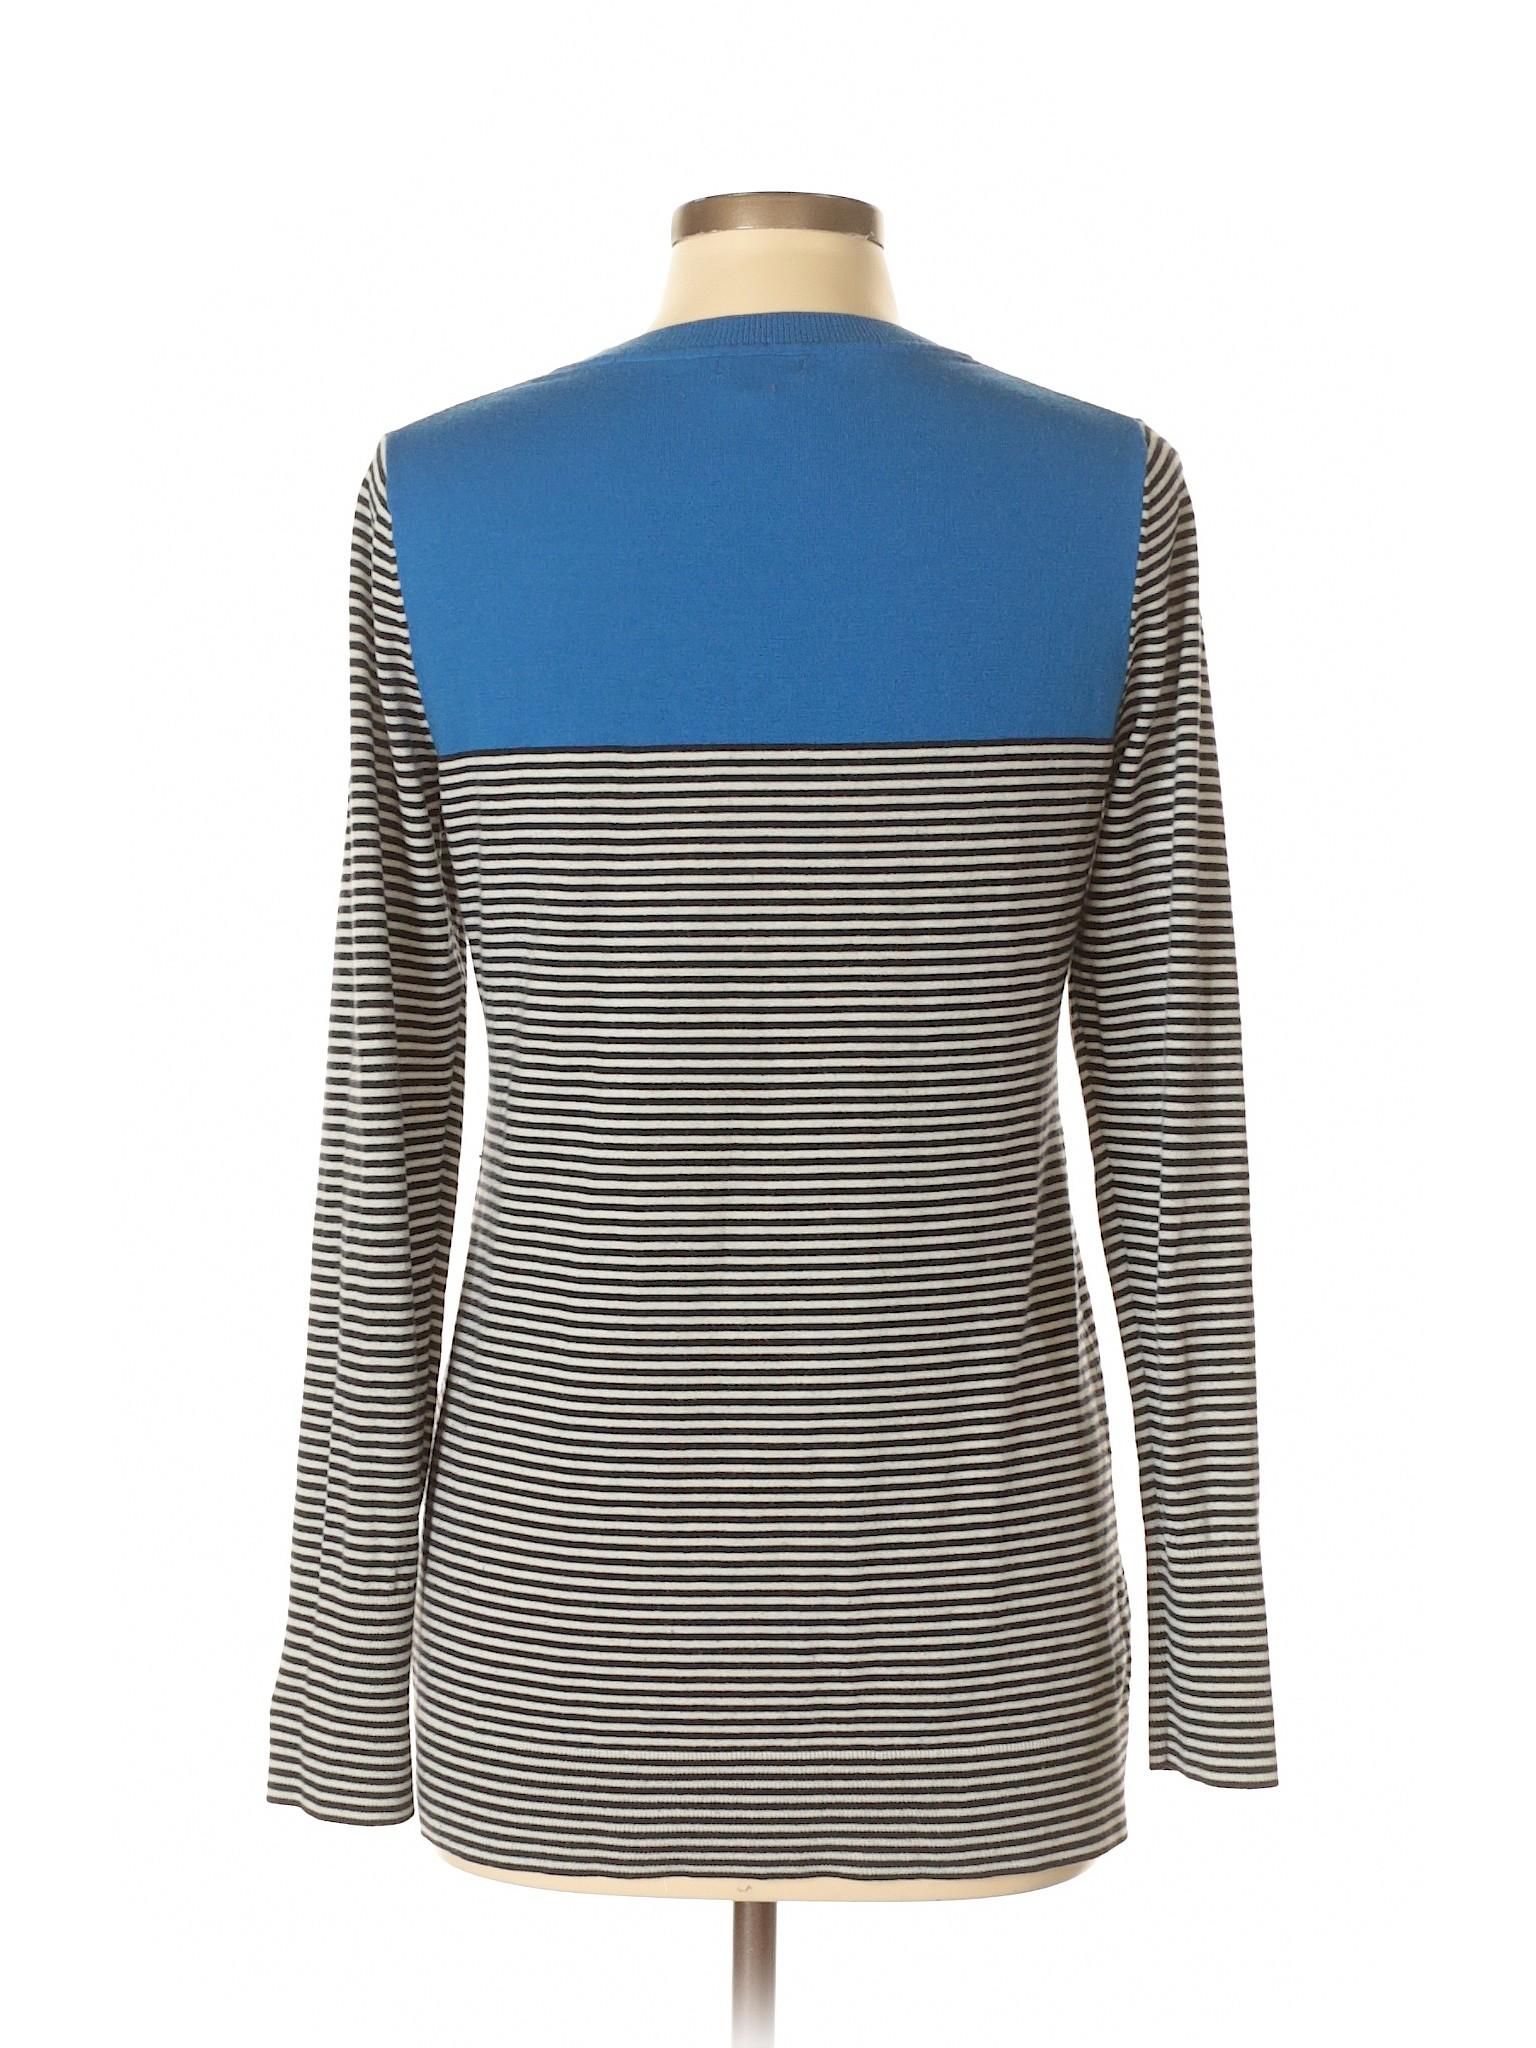 Gap Boutique Gap Sweater Pullover Boutique 4E04wrqxf